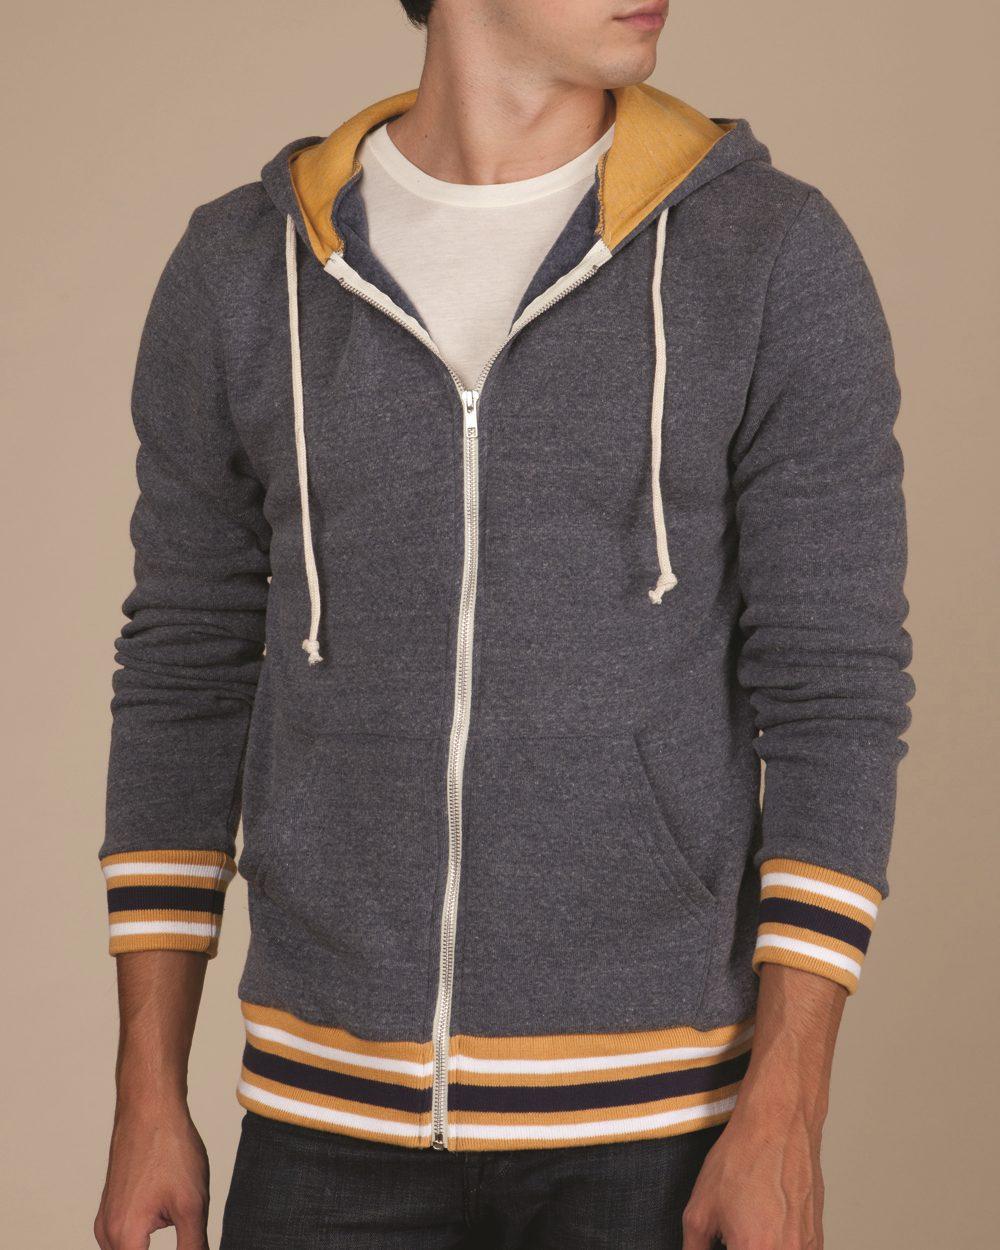 Alternative Eco-Fleece Woody Full-Zip Hooded Sweatshirt - 42124